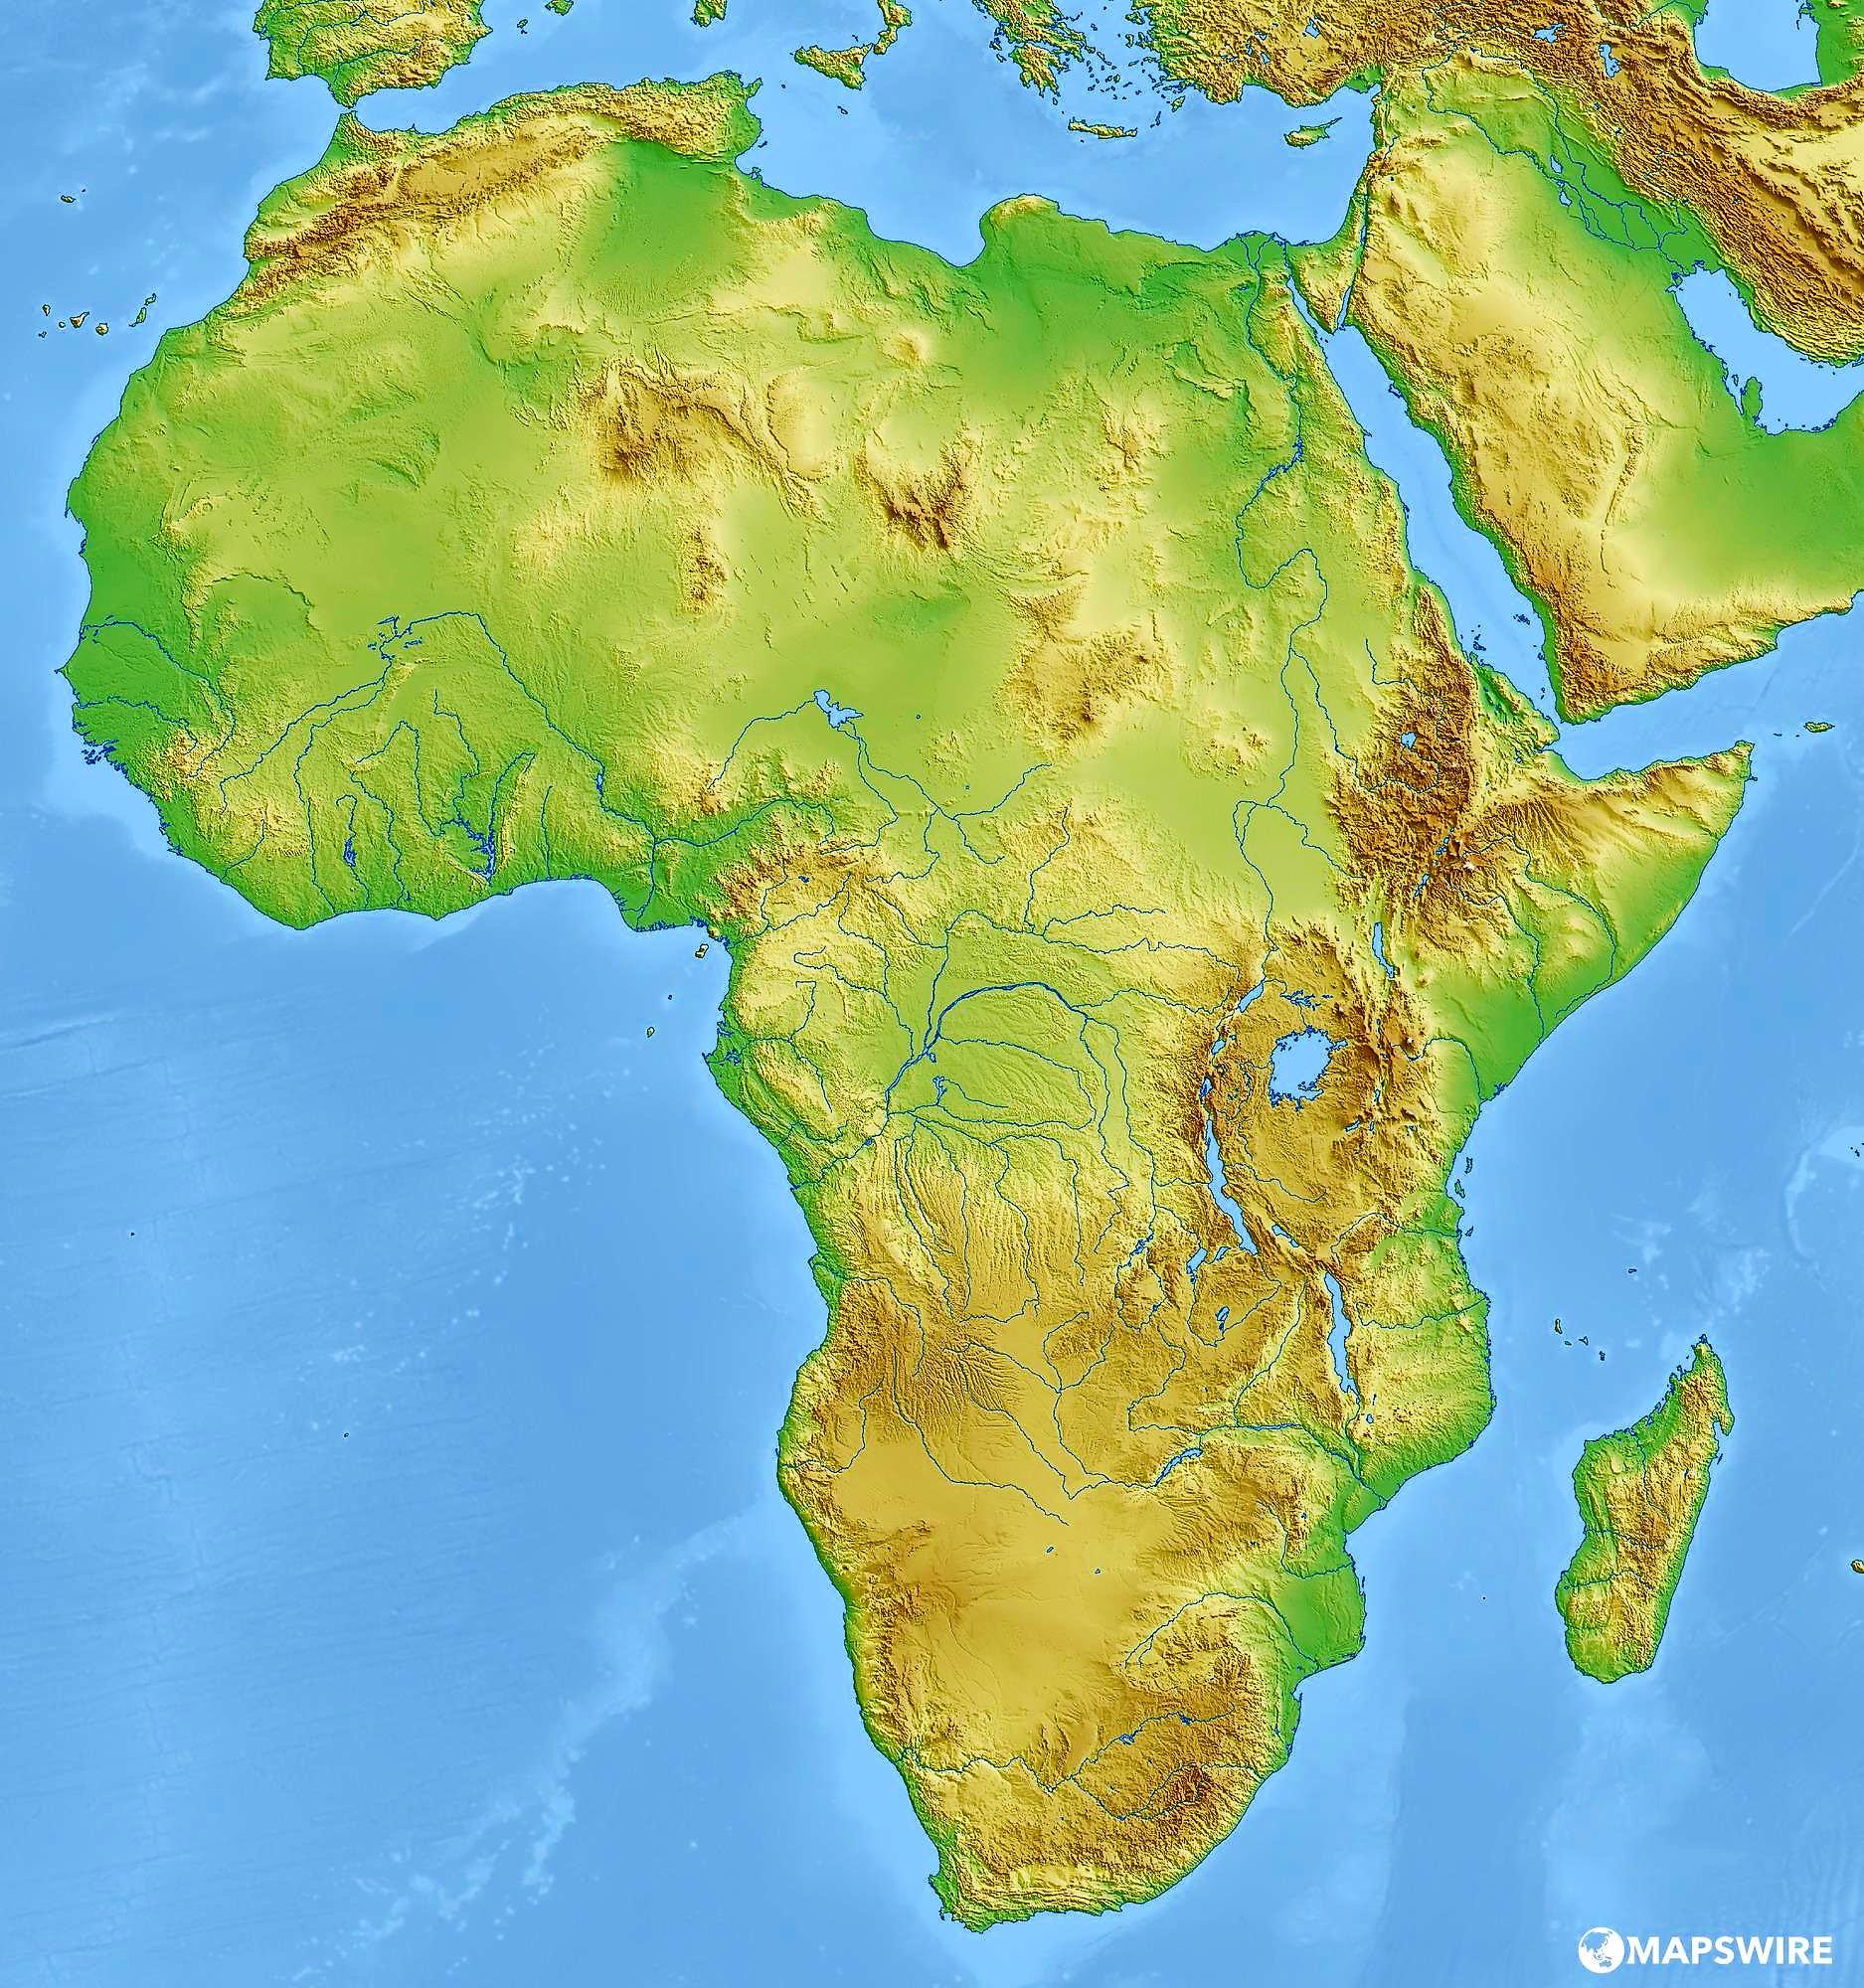 Juegos De Geografia Juego De Mapa Fisico De Africa 6 Cerebriti